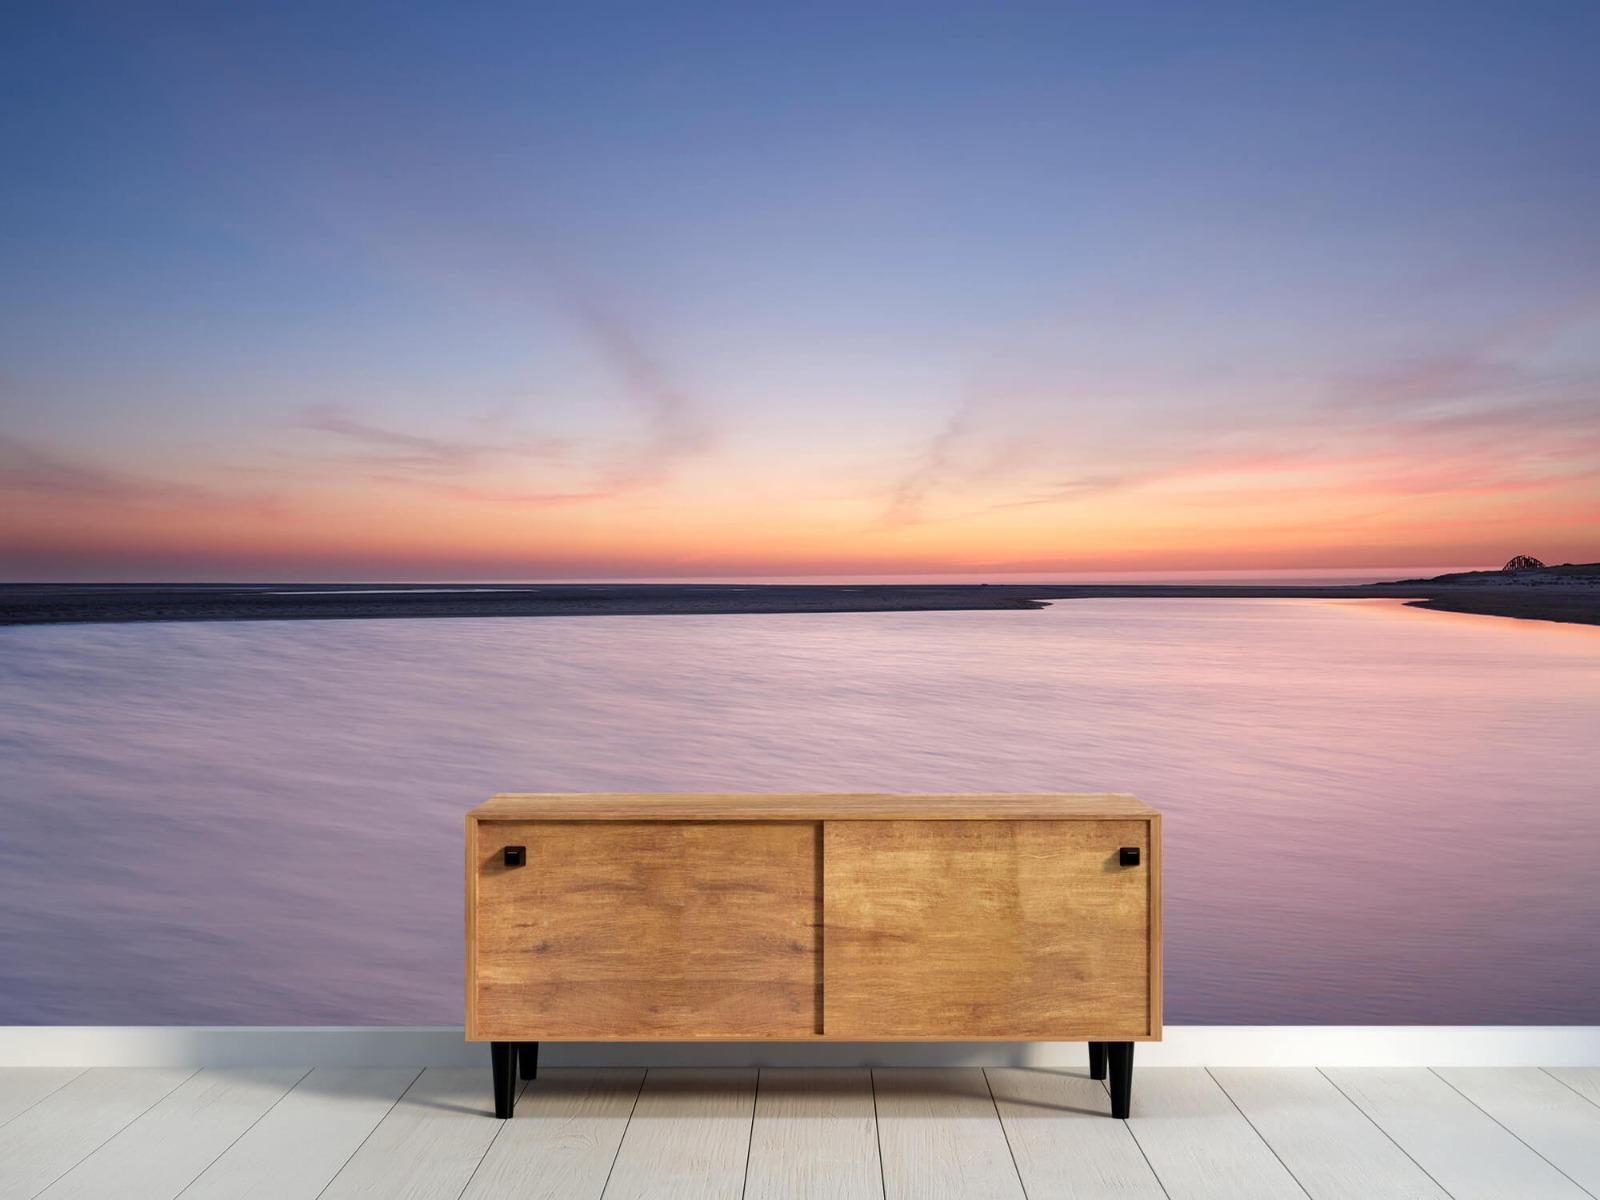 Zeeën en Oceanen - Zonsondergang aan zee - Slaapkamer 9